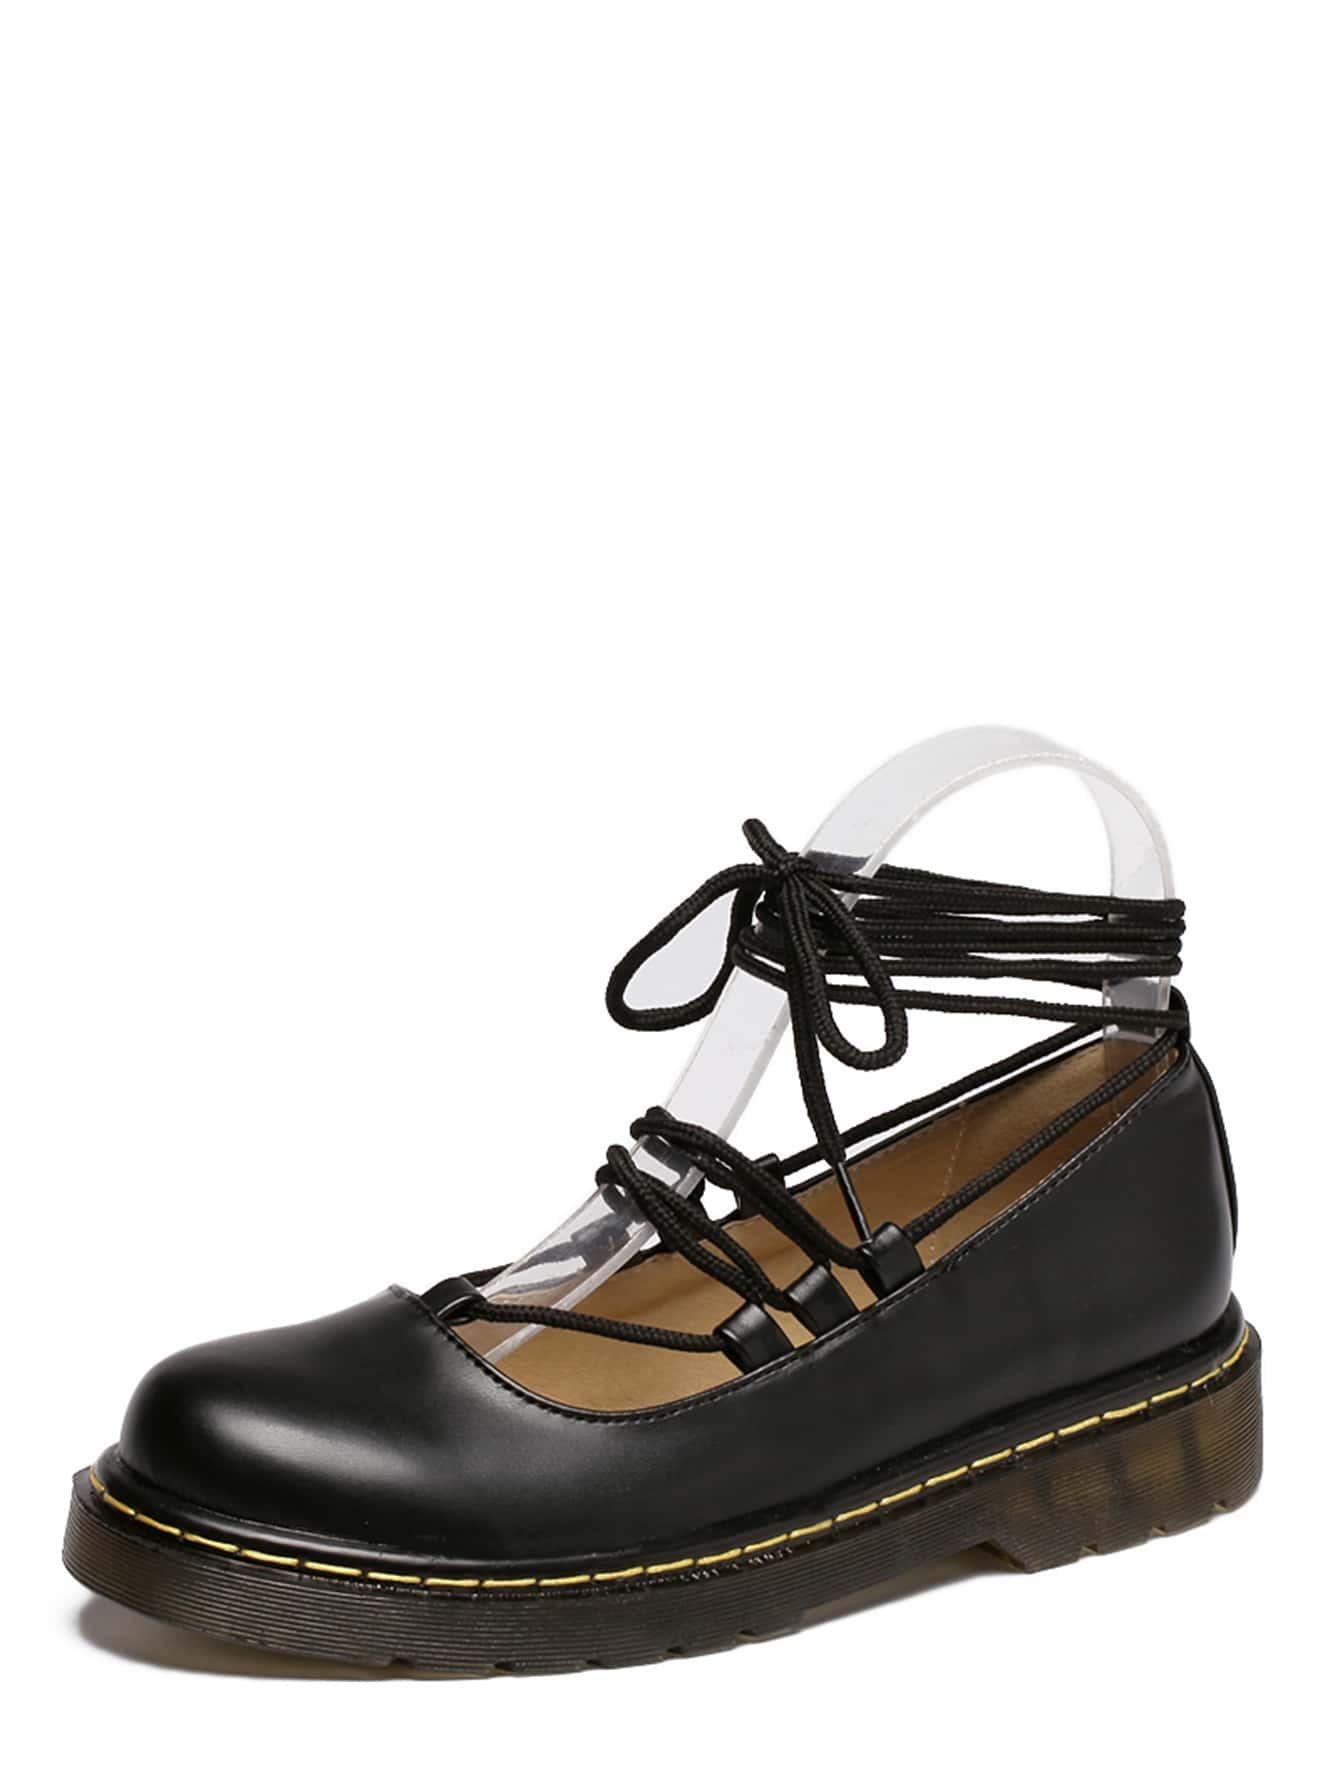 shoes160803814_2